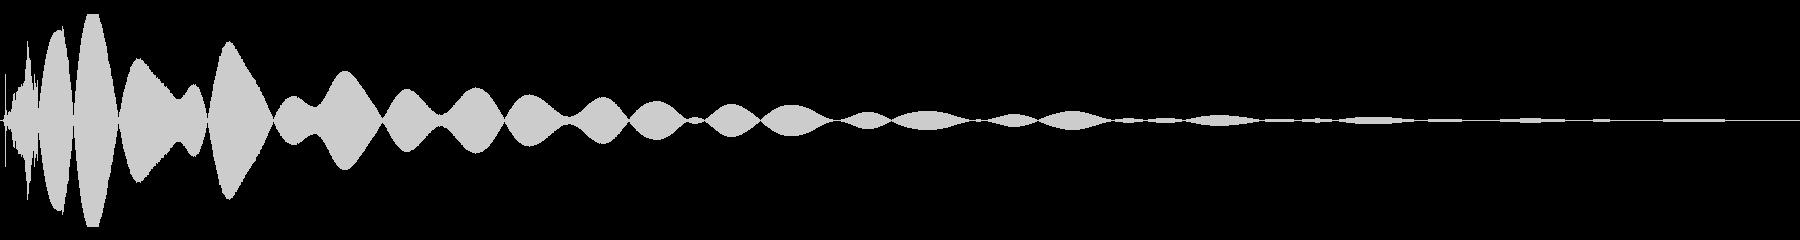 EDMやIDM系のバスドラム! 07bの未再生の波形